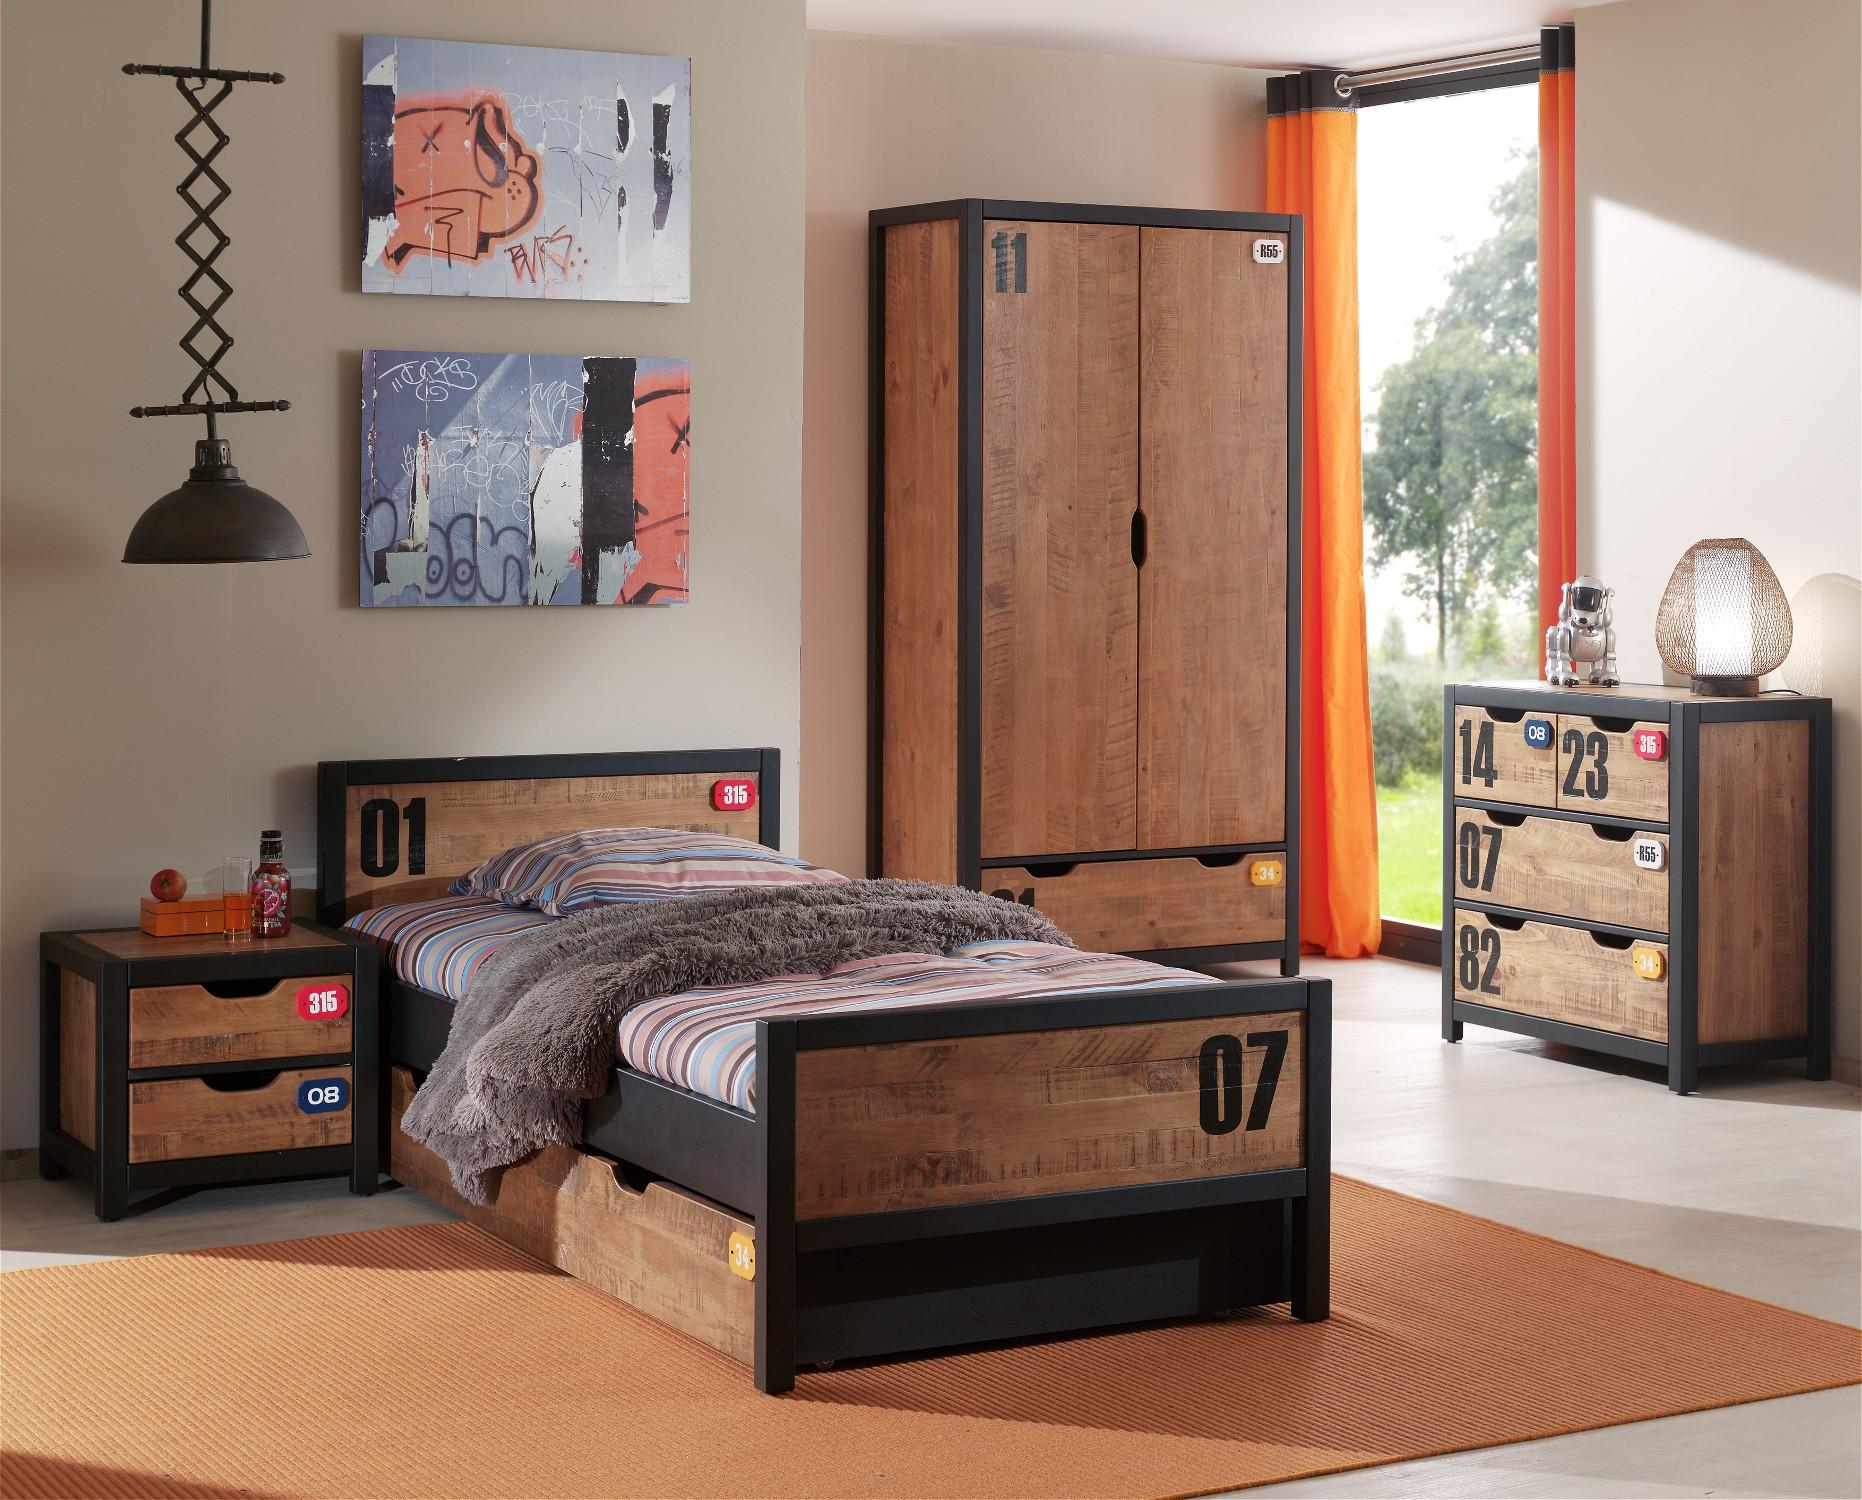 Jugendzimmer Alex Komplett Mit Einzelbett Bettschublade Kleiderschrank Turig Nachtkonsole Und